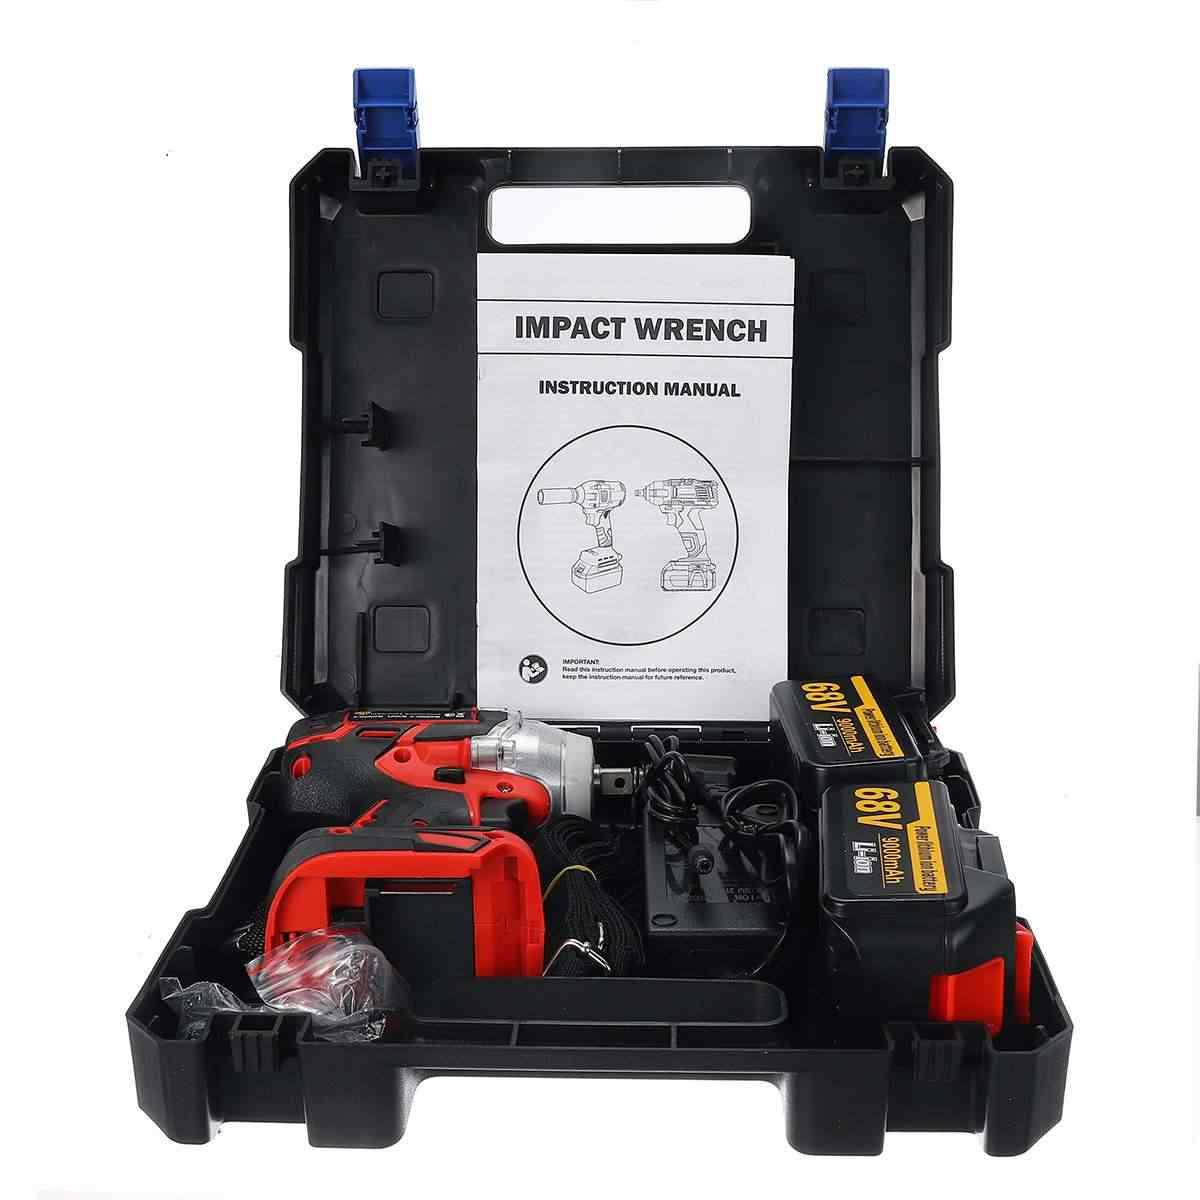 68V 9000mAh llave eléctrica de impacto sin escobillas llave de enchufe Instalación de taladro manual 520N. M herramientas eléctricas para rueda de coche/SUV